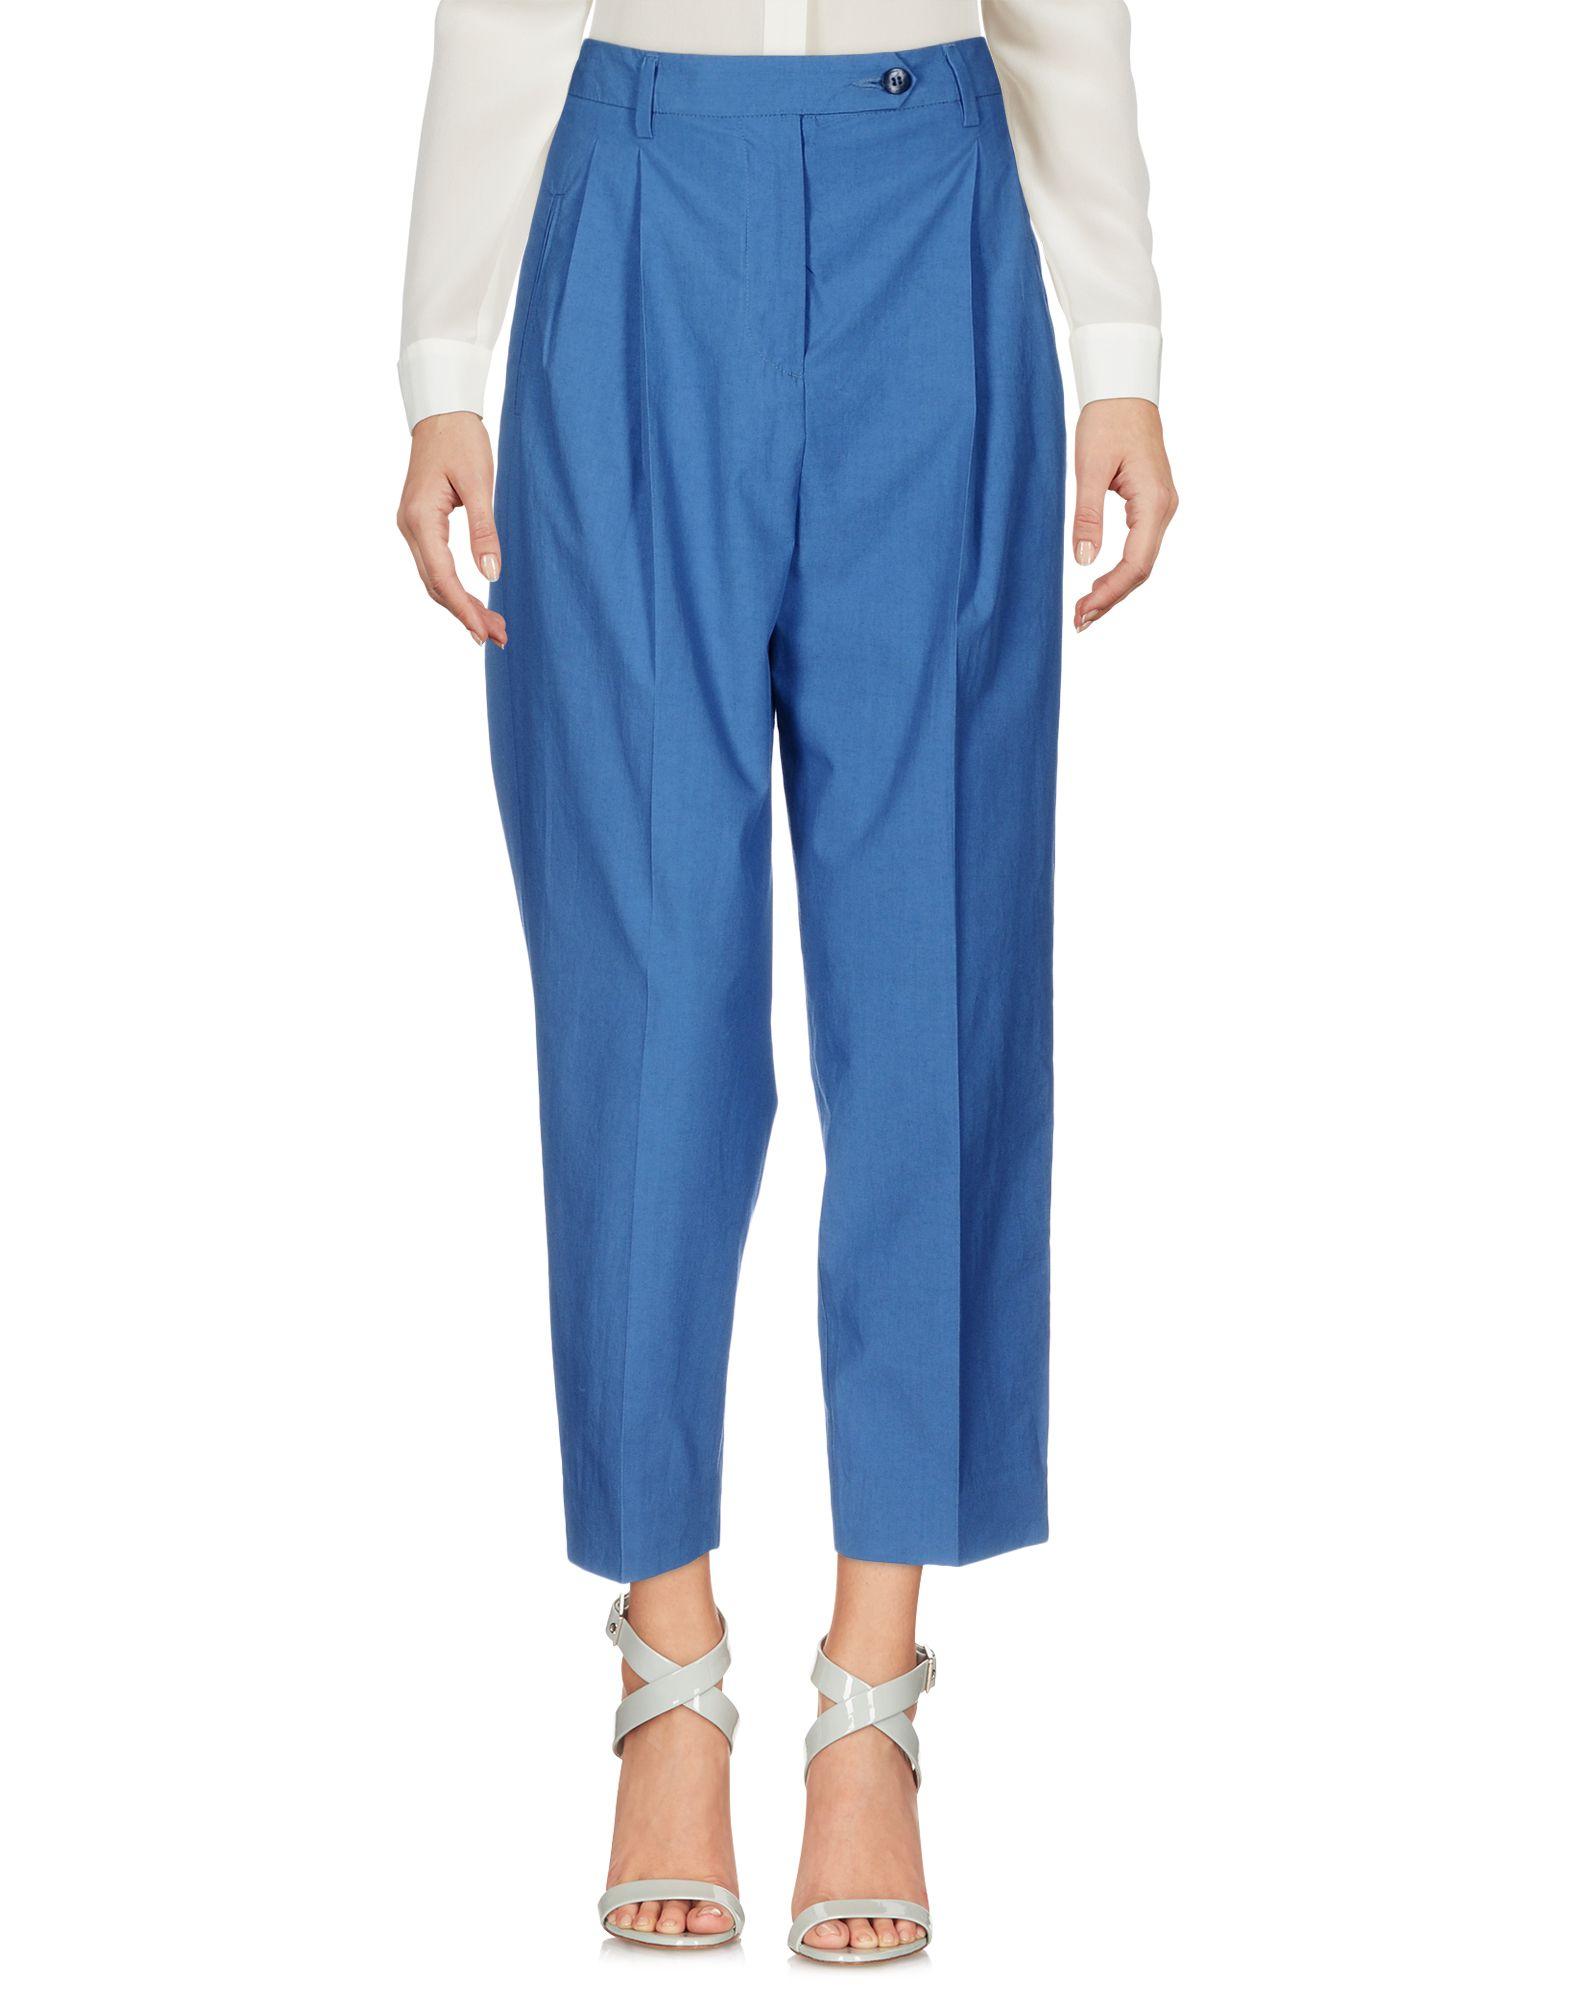 Pantalone Braguette Donna - Acquista online su sF0mUxn2U